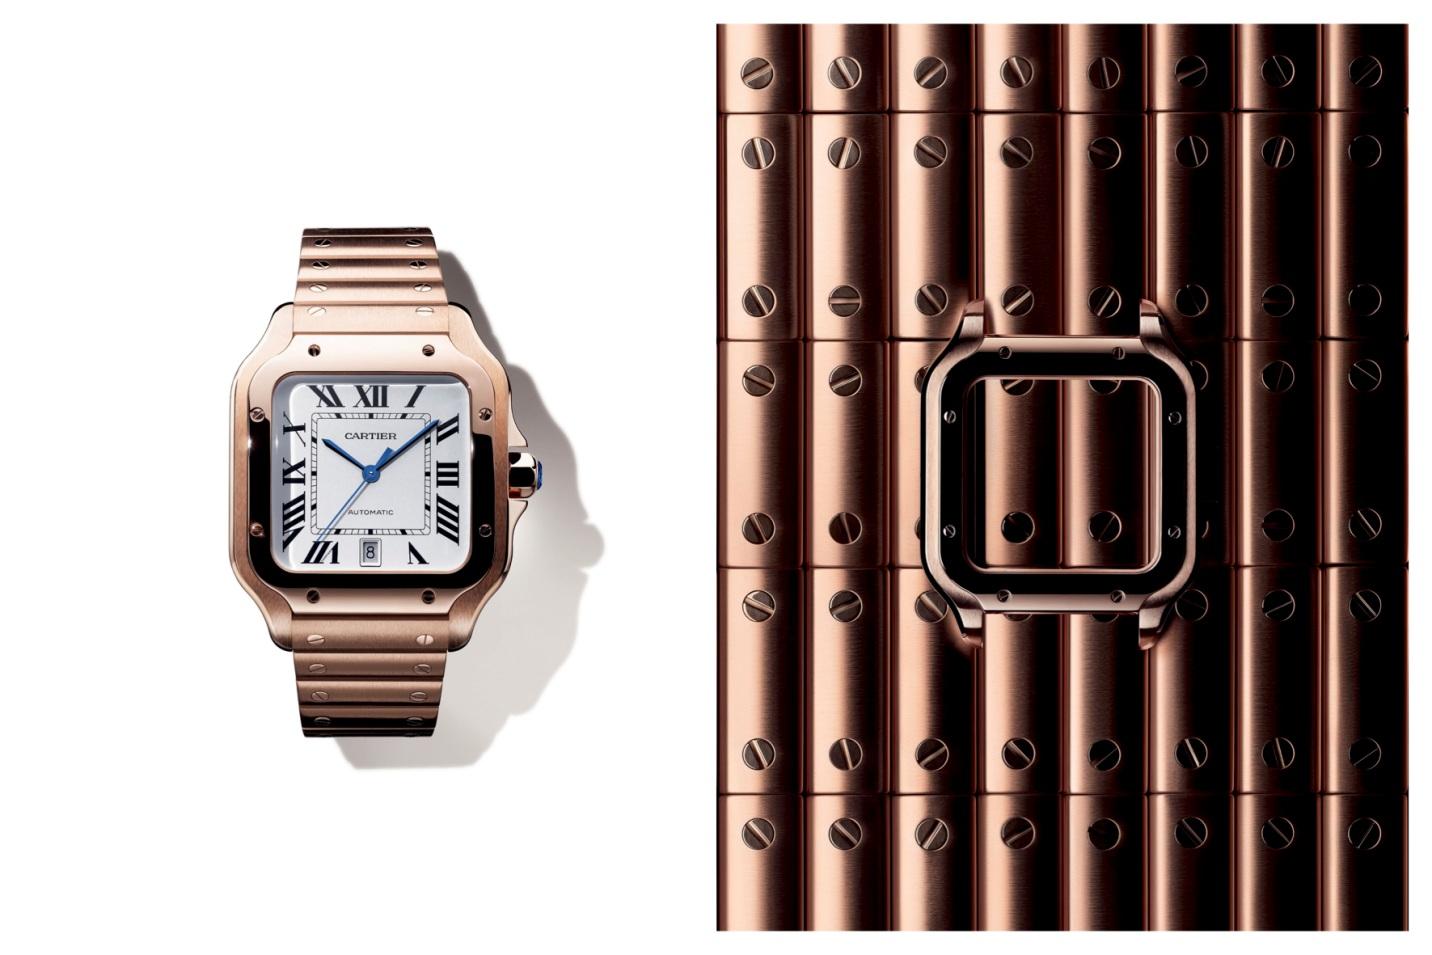 đồng hồ Cartier chính hãng